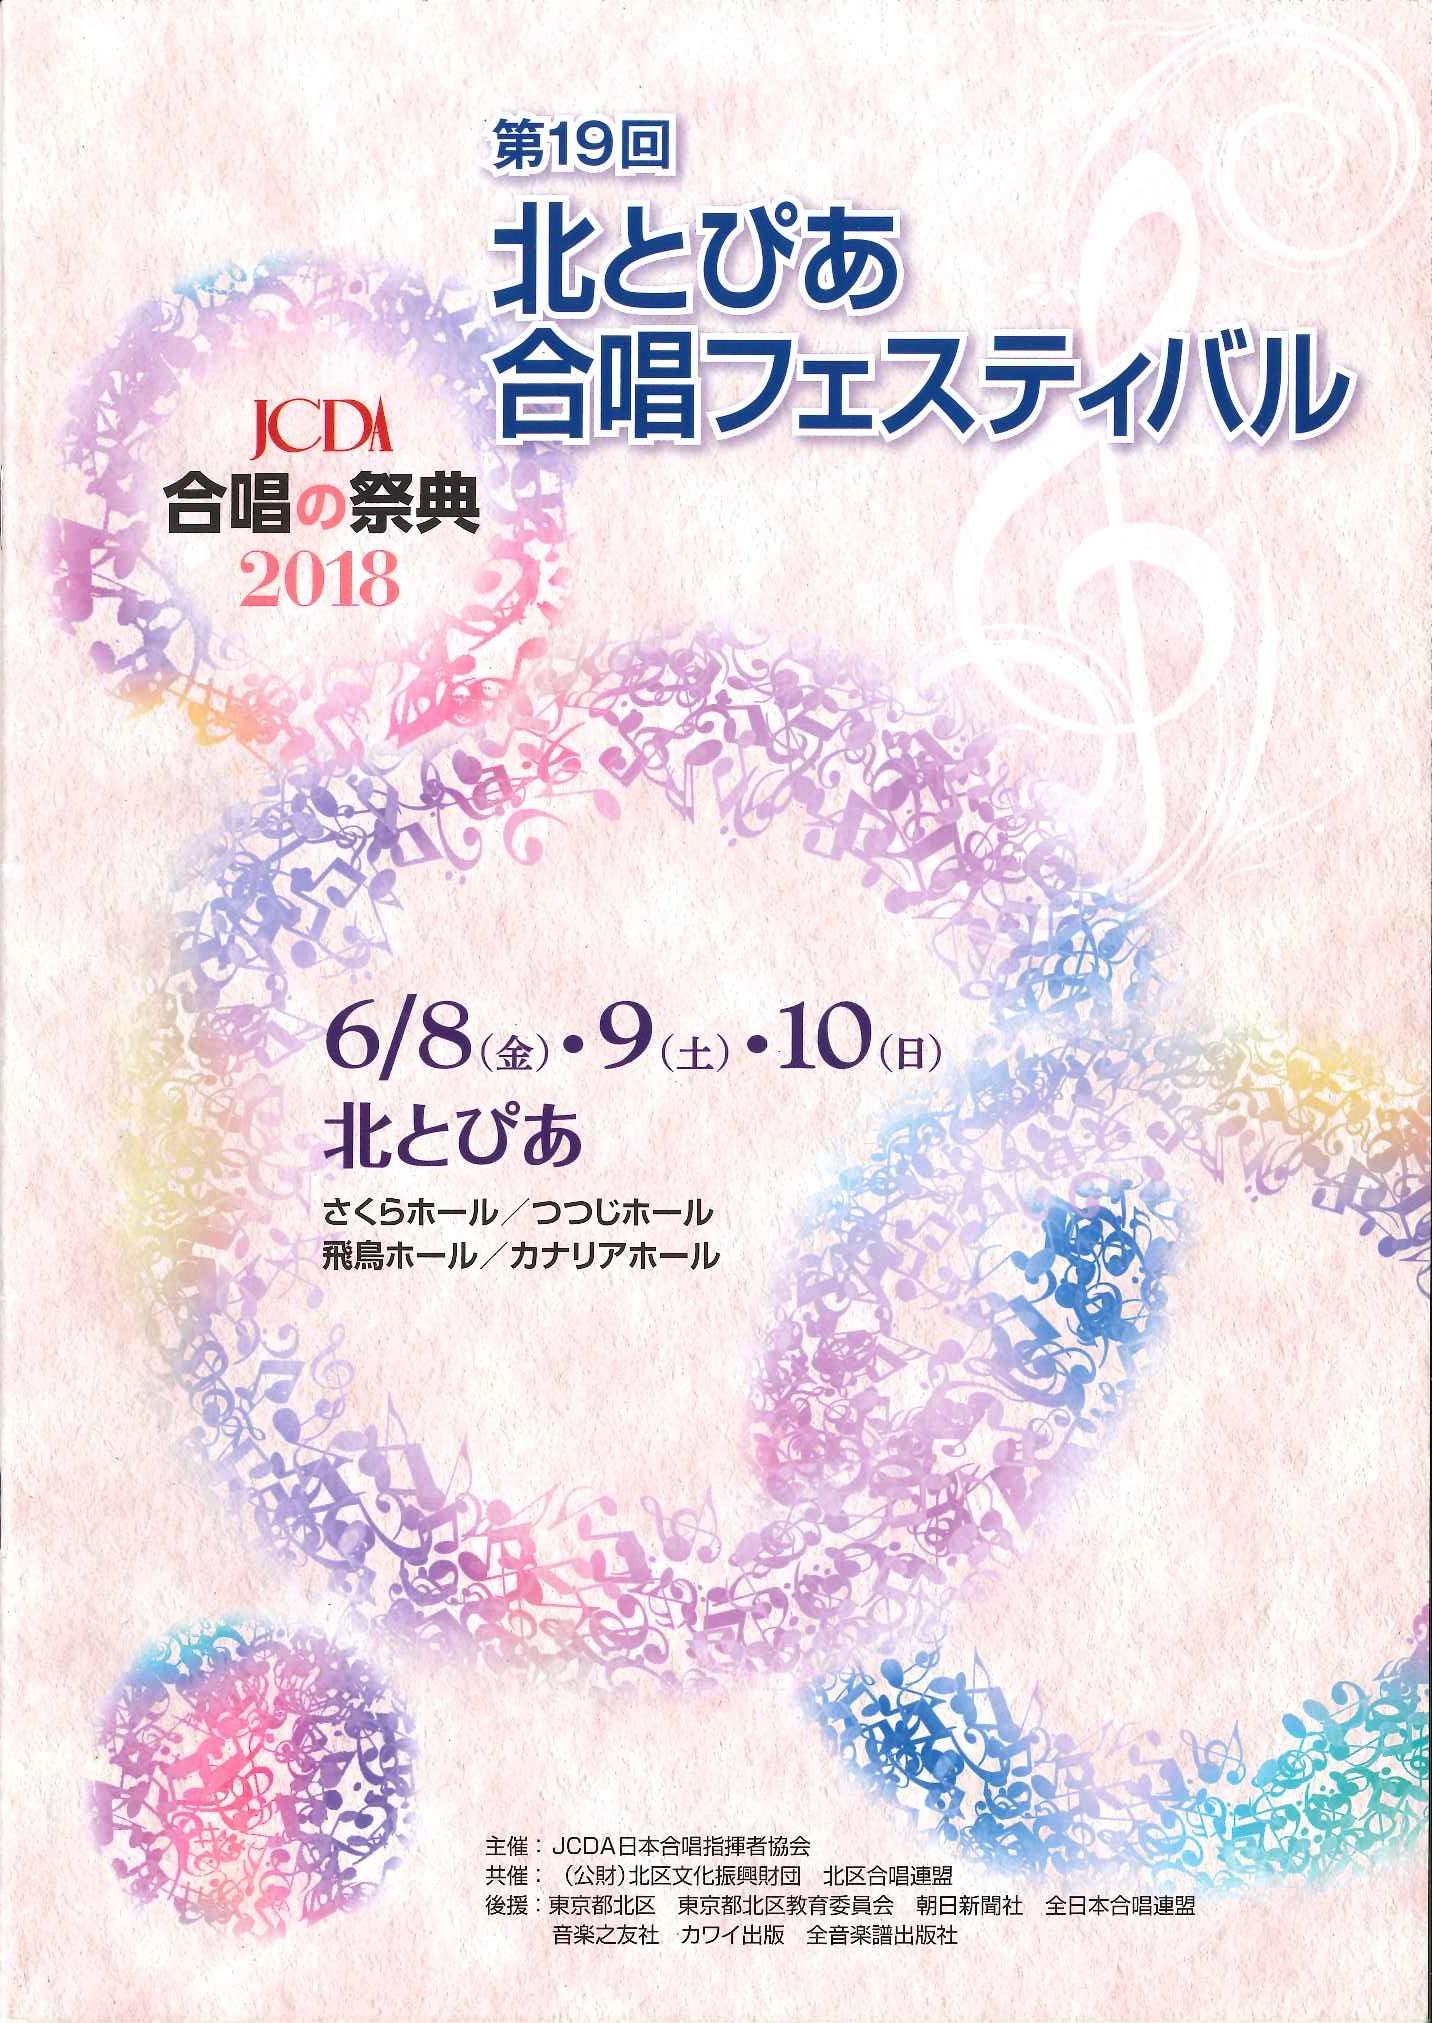 第19回北とぴあ合唱フェスティバル